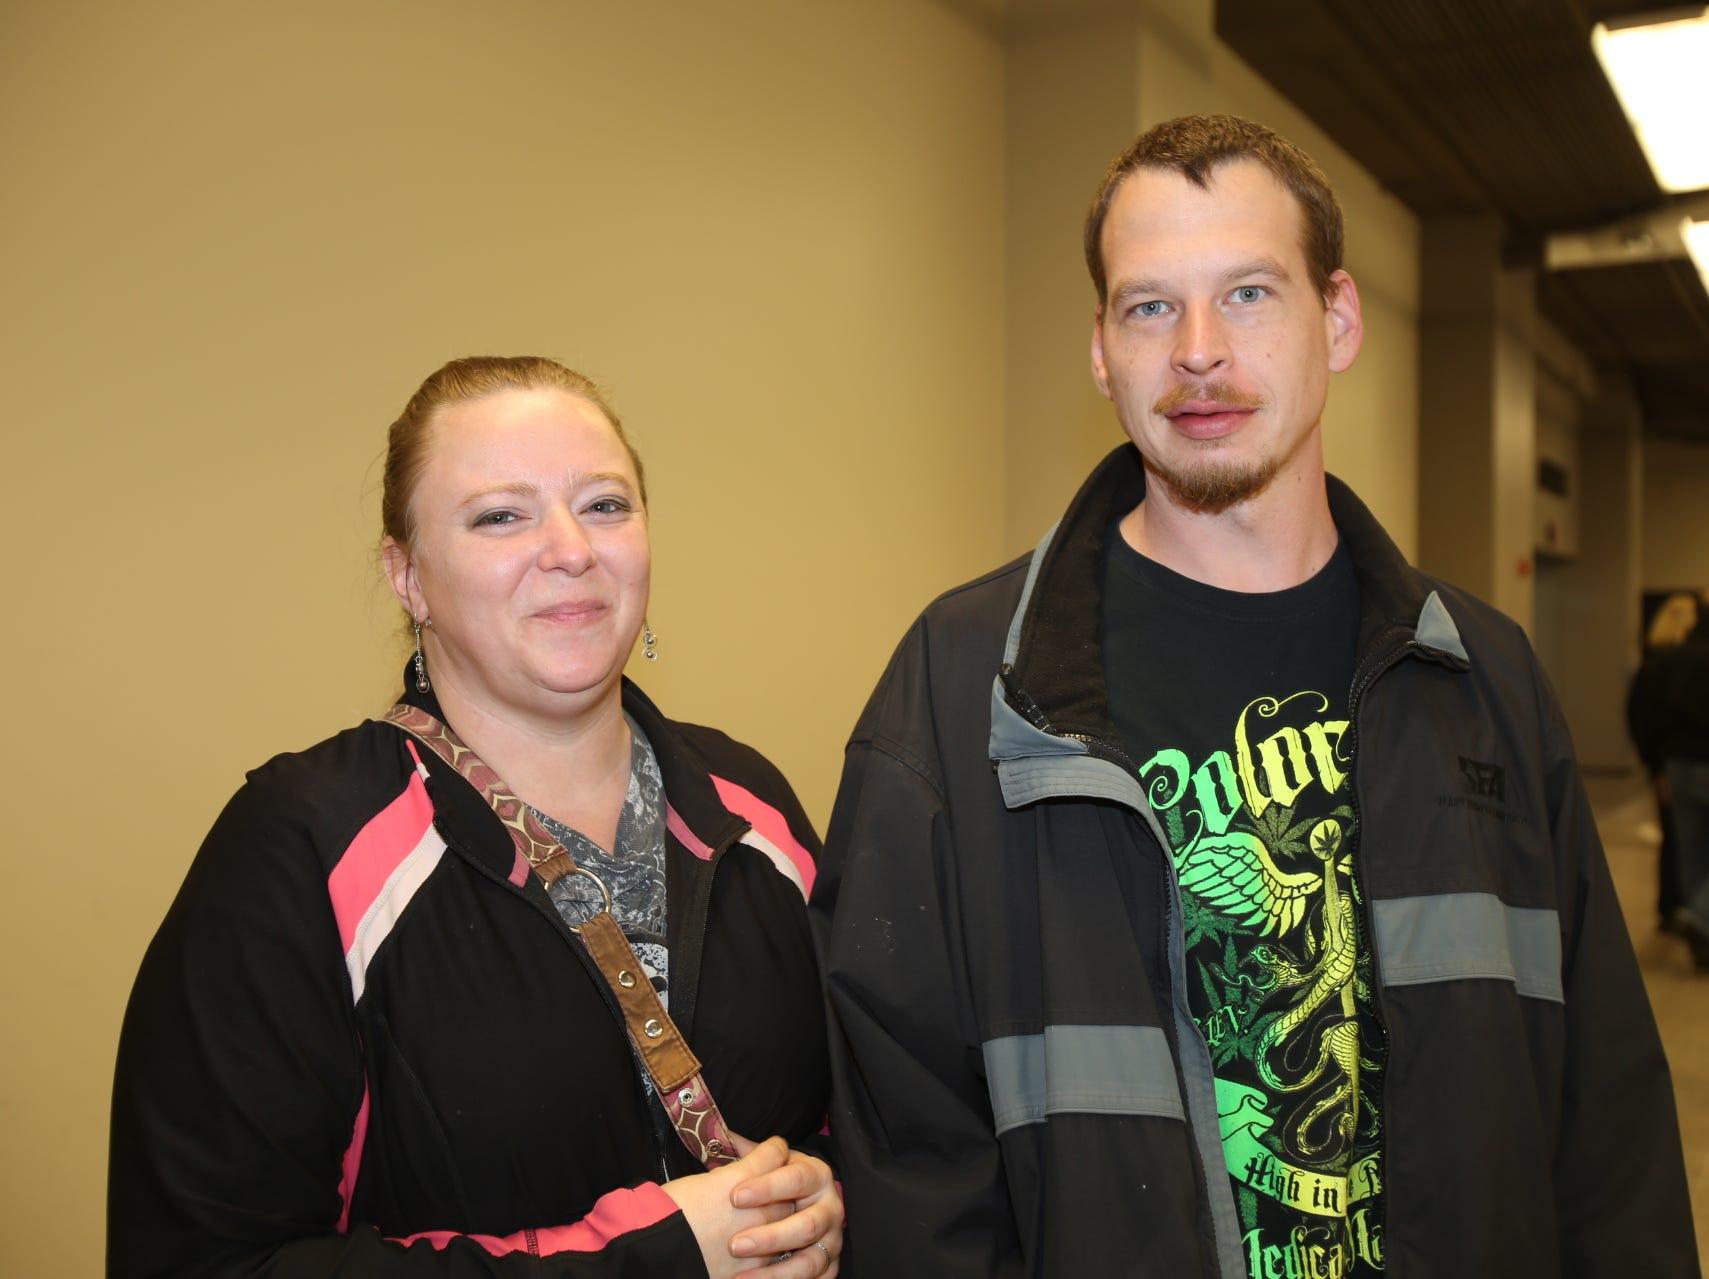 Heidi and Tim Sanders